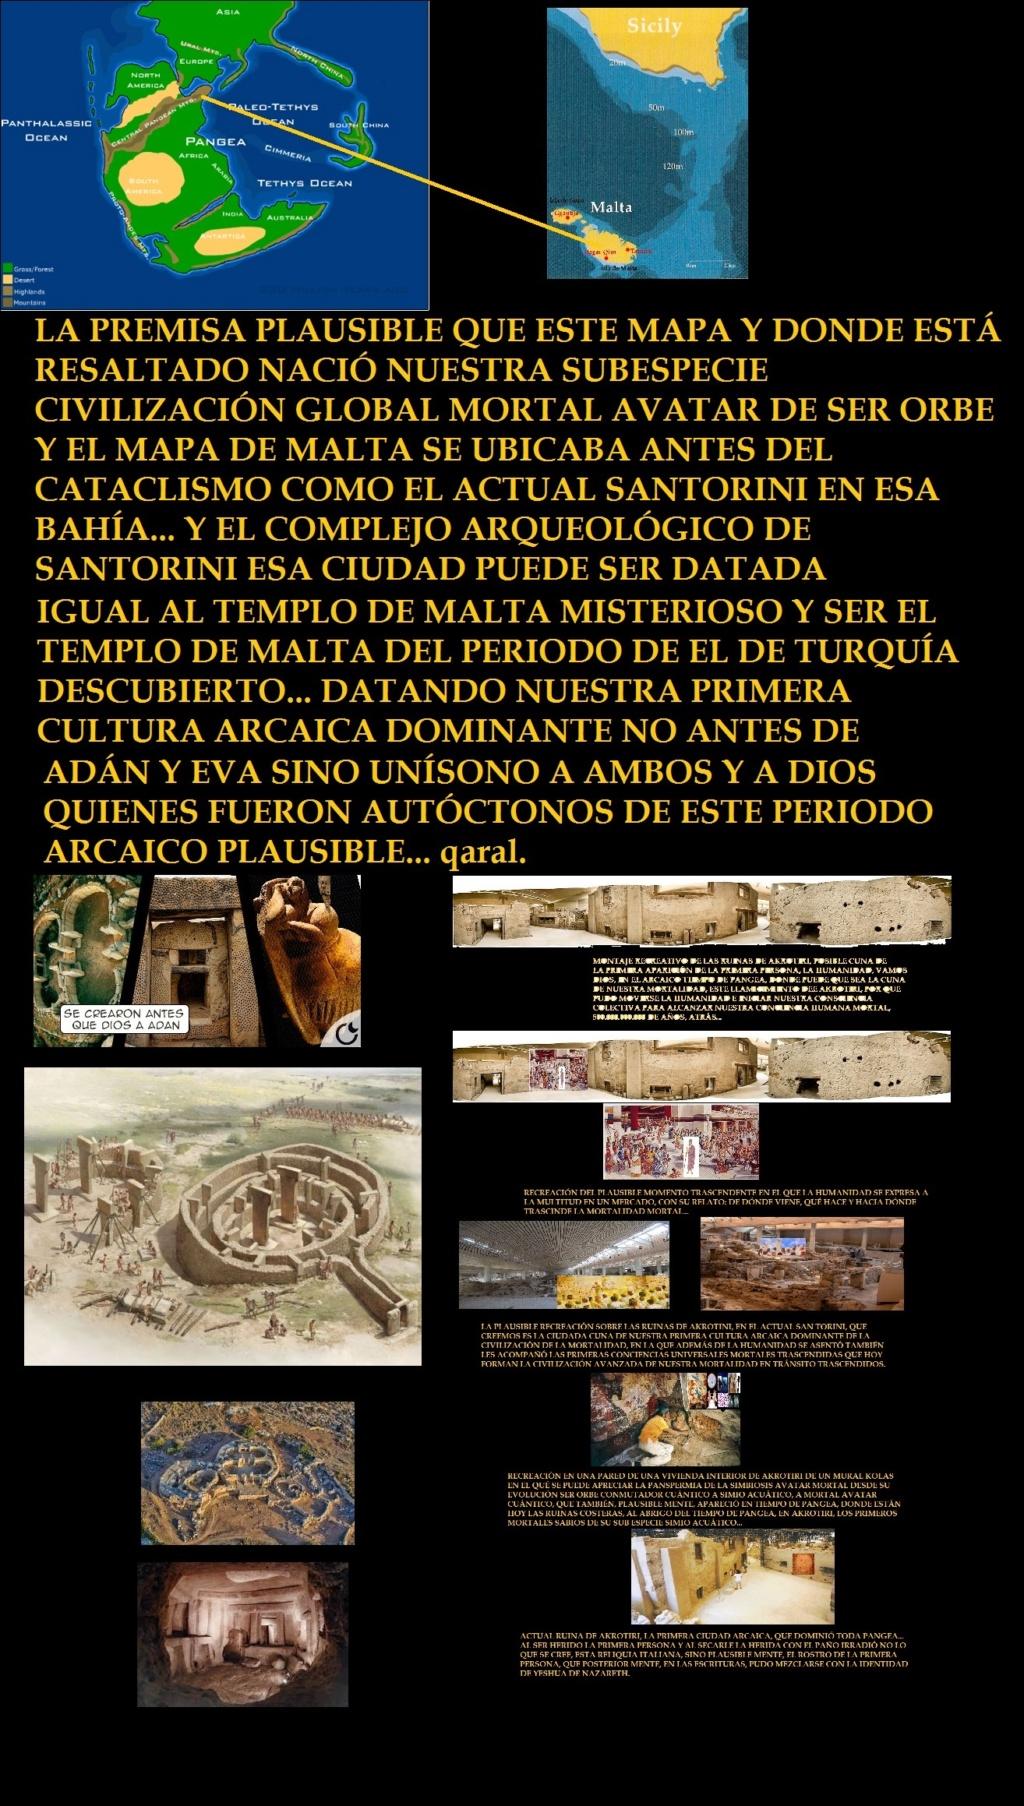 ¿HAN DESCUBIERTO CULTURAS MORTALES ANTES DE LA DATACIÓN DE DIOS? Imagen20